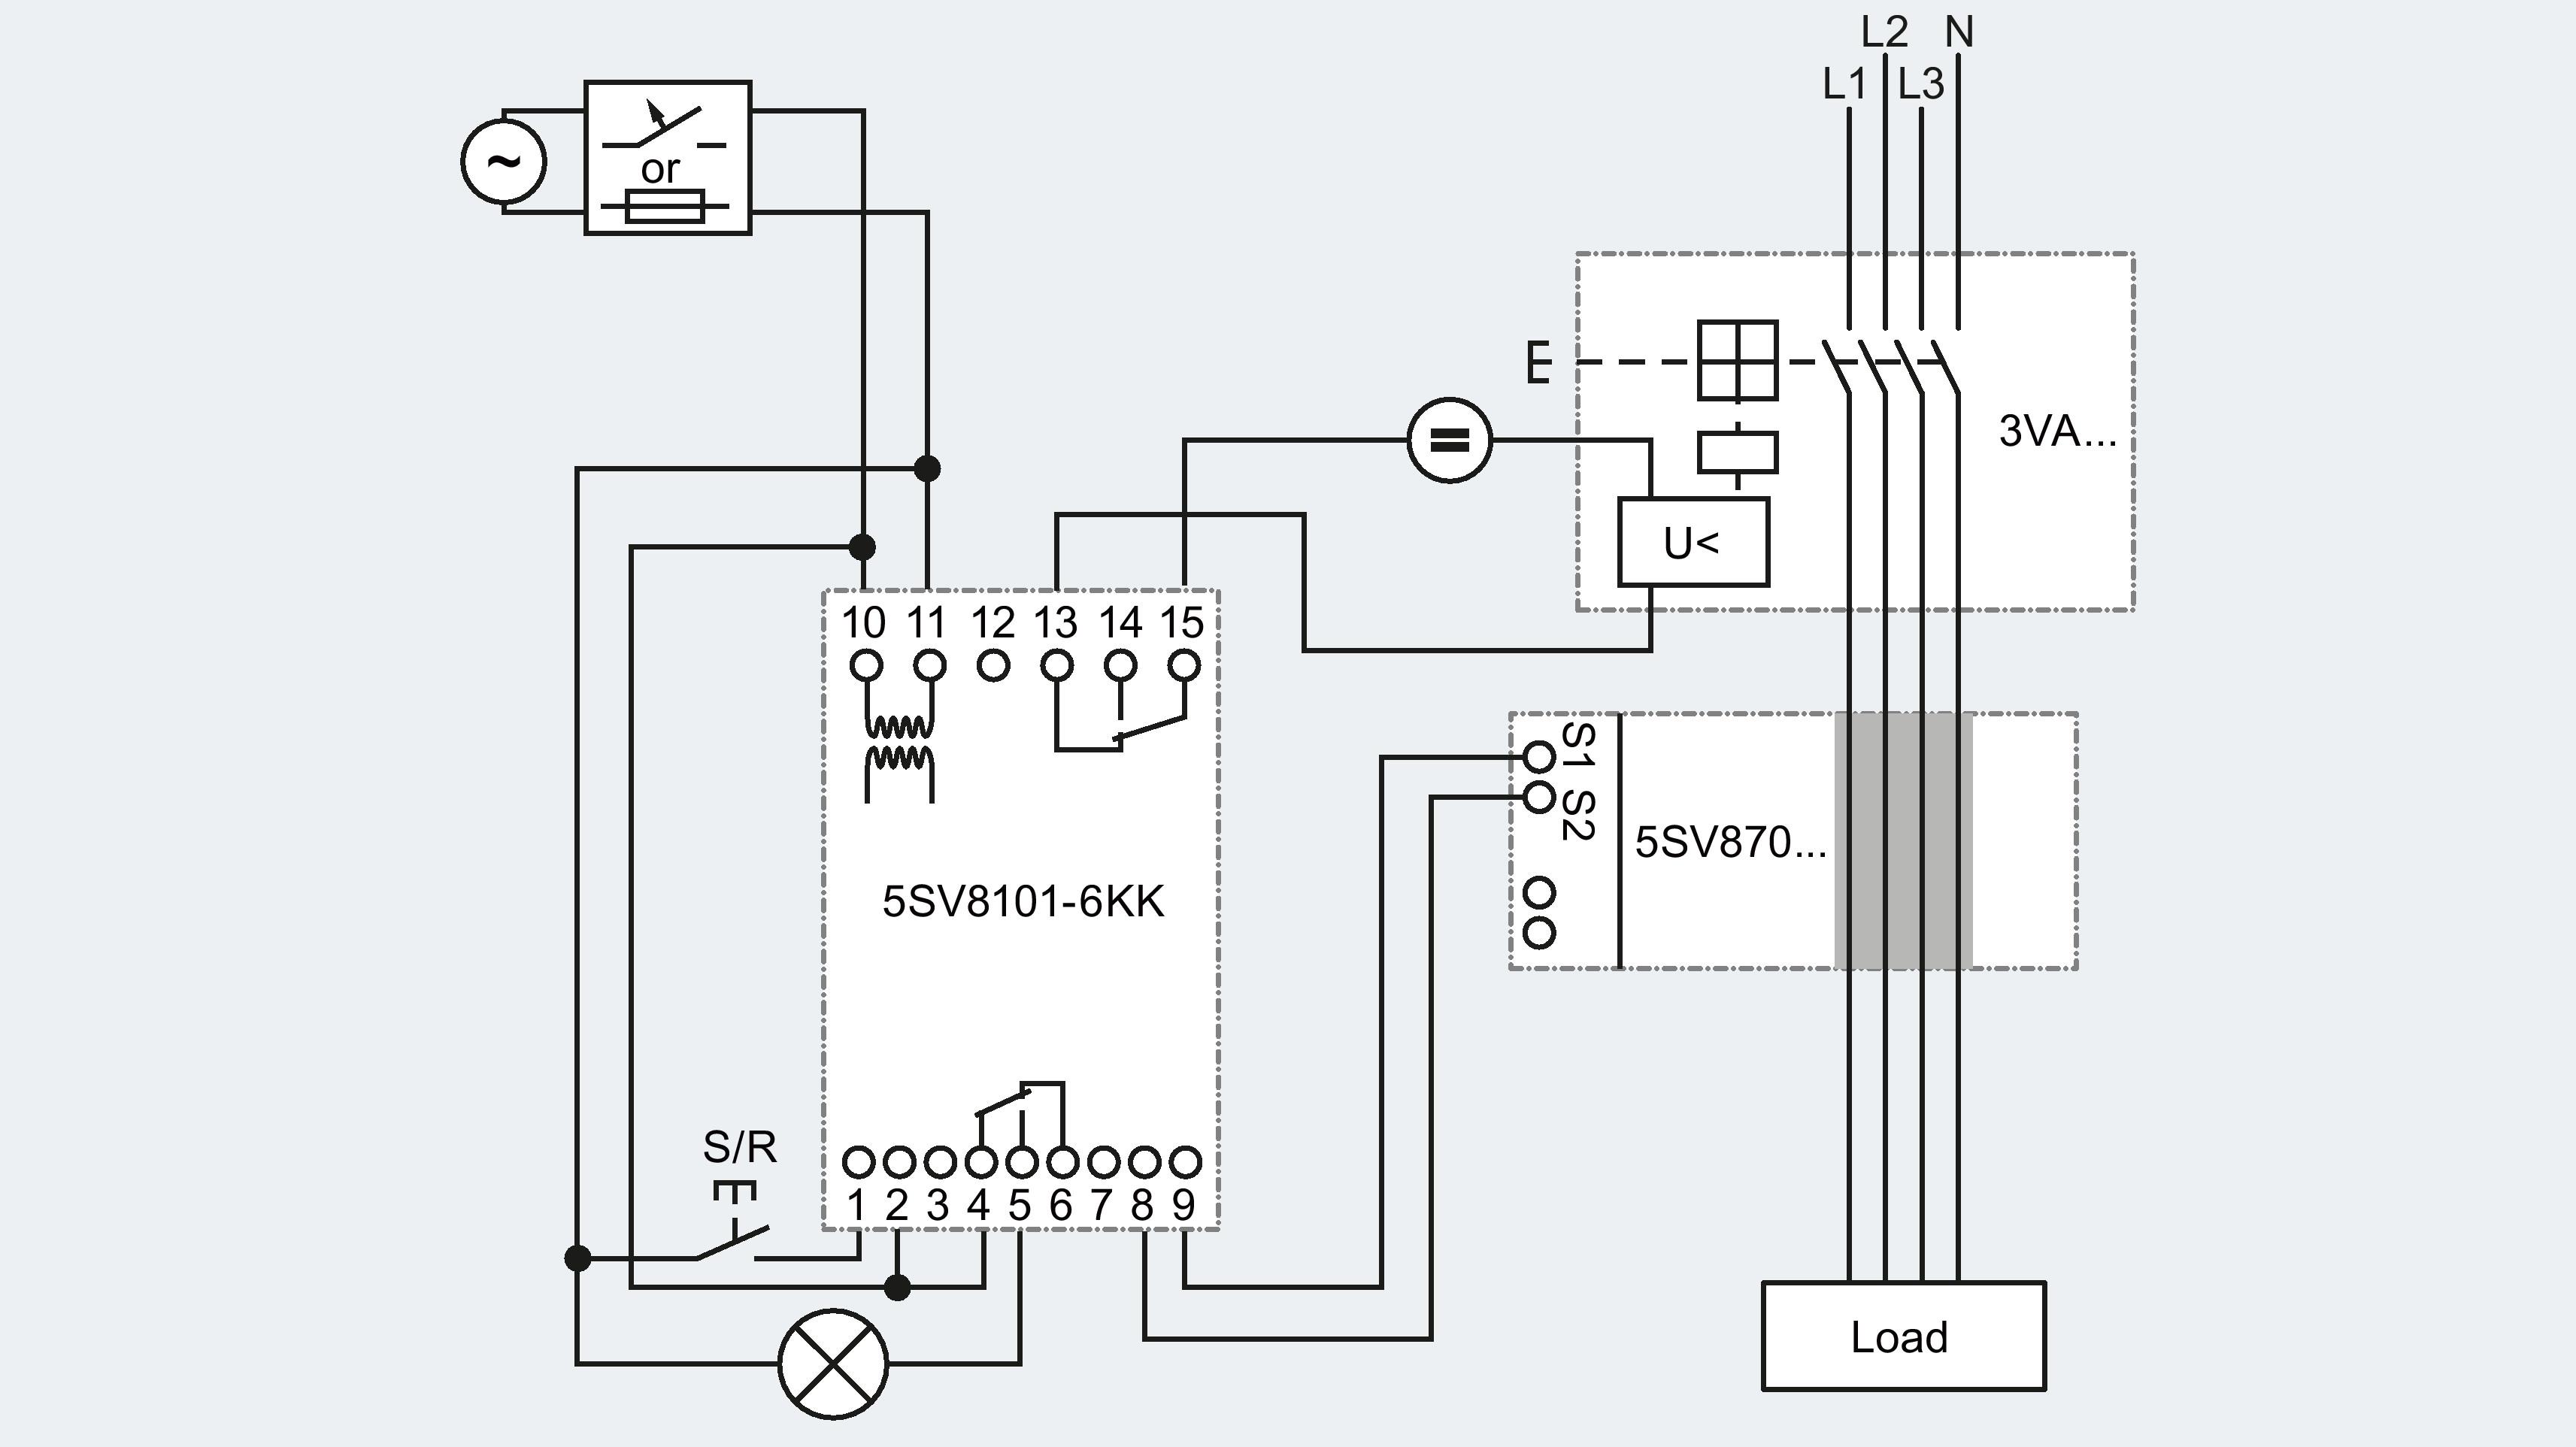 siemens load center wiring diagram Download-Aircraft Inter Wiring Diagram Save Siemens Shunt Trip Breaker Wiring Diagram Wiring 15-t